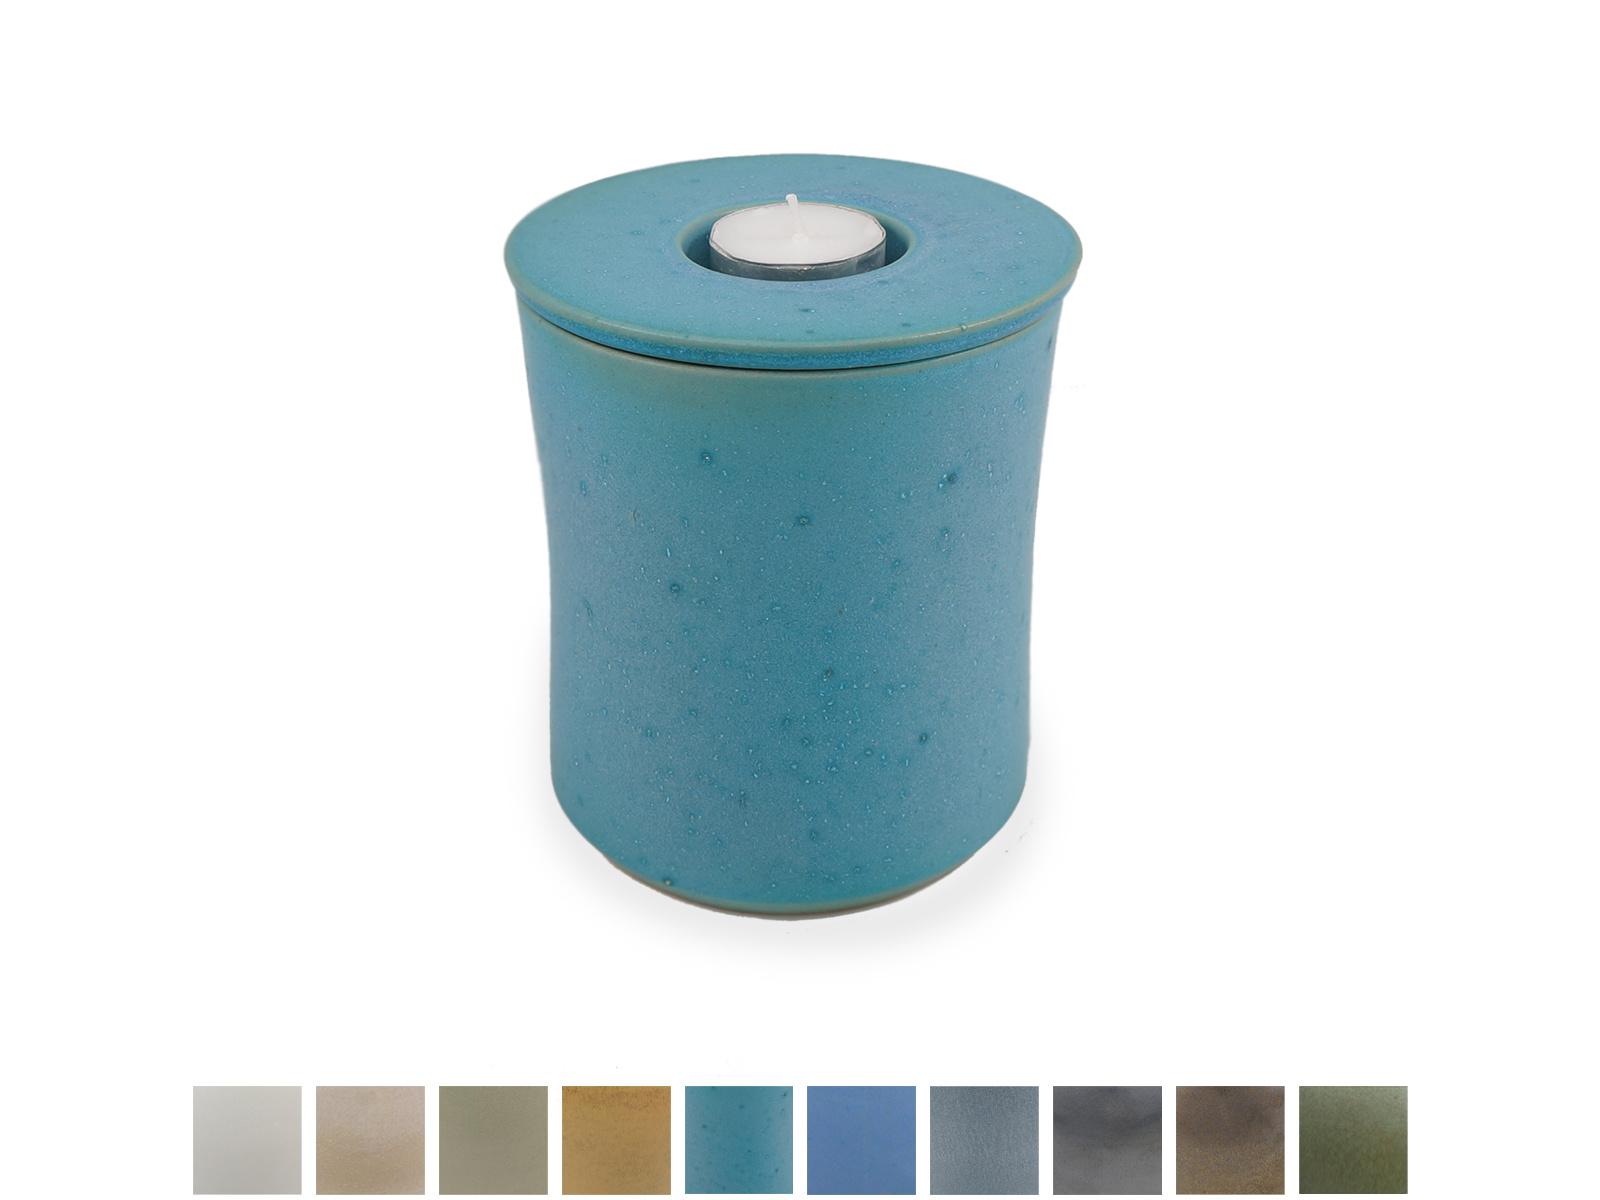 Keramische urn getailleerd klein met kaarsje - verkrijgbaar in 10 kleuren